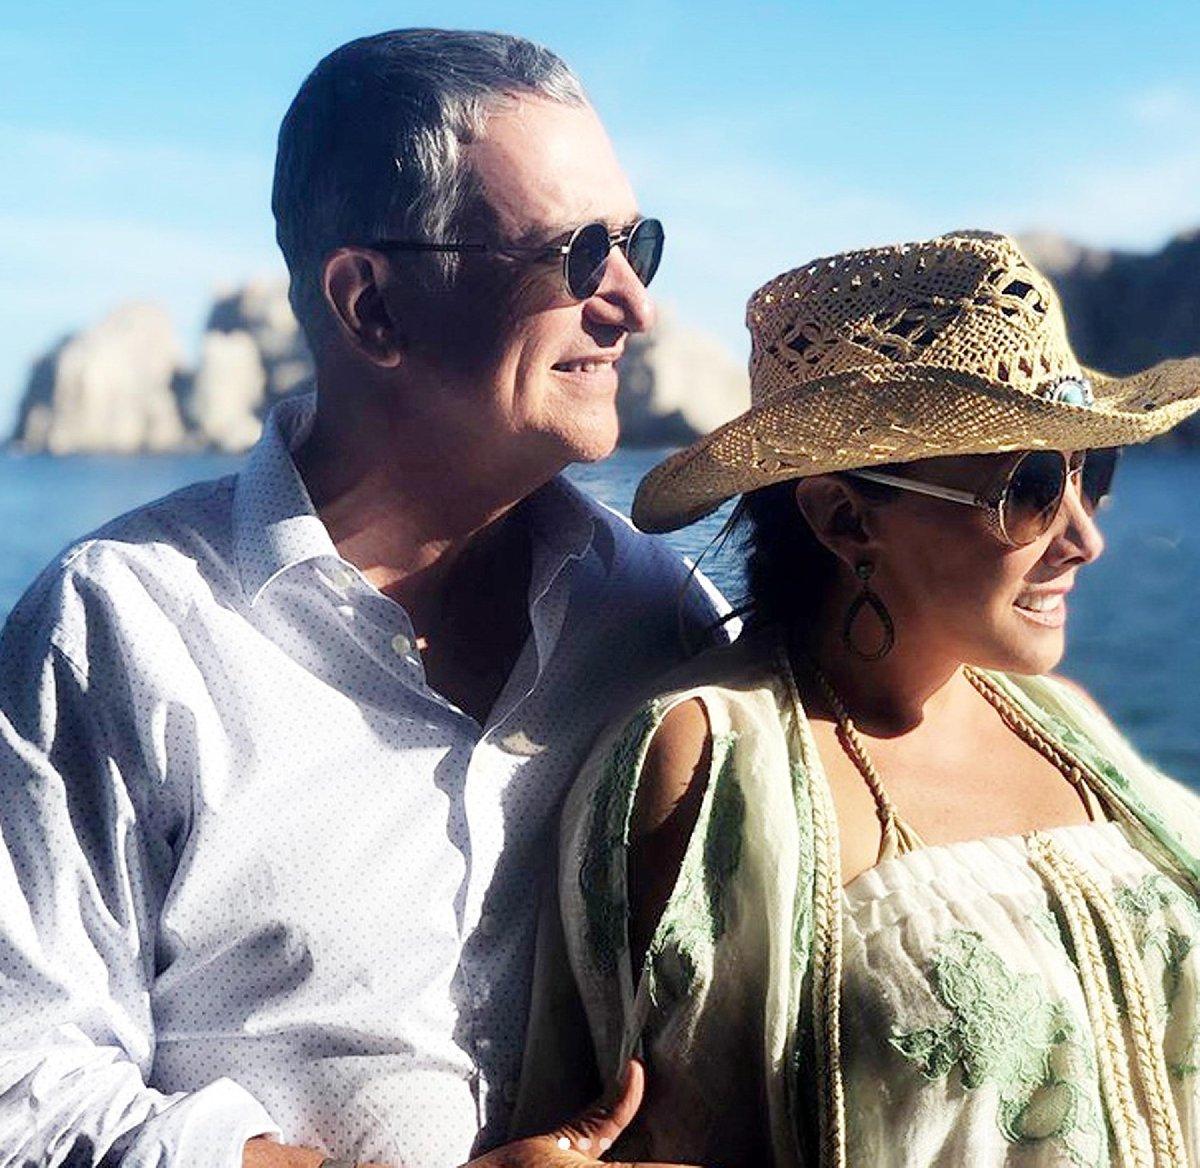 Meksikalı milyarder ve moda tasarımcısı eşi. Fotoğraf/DHA